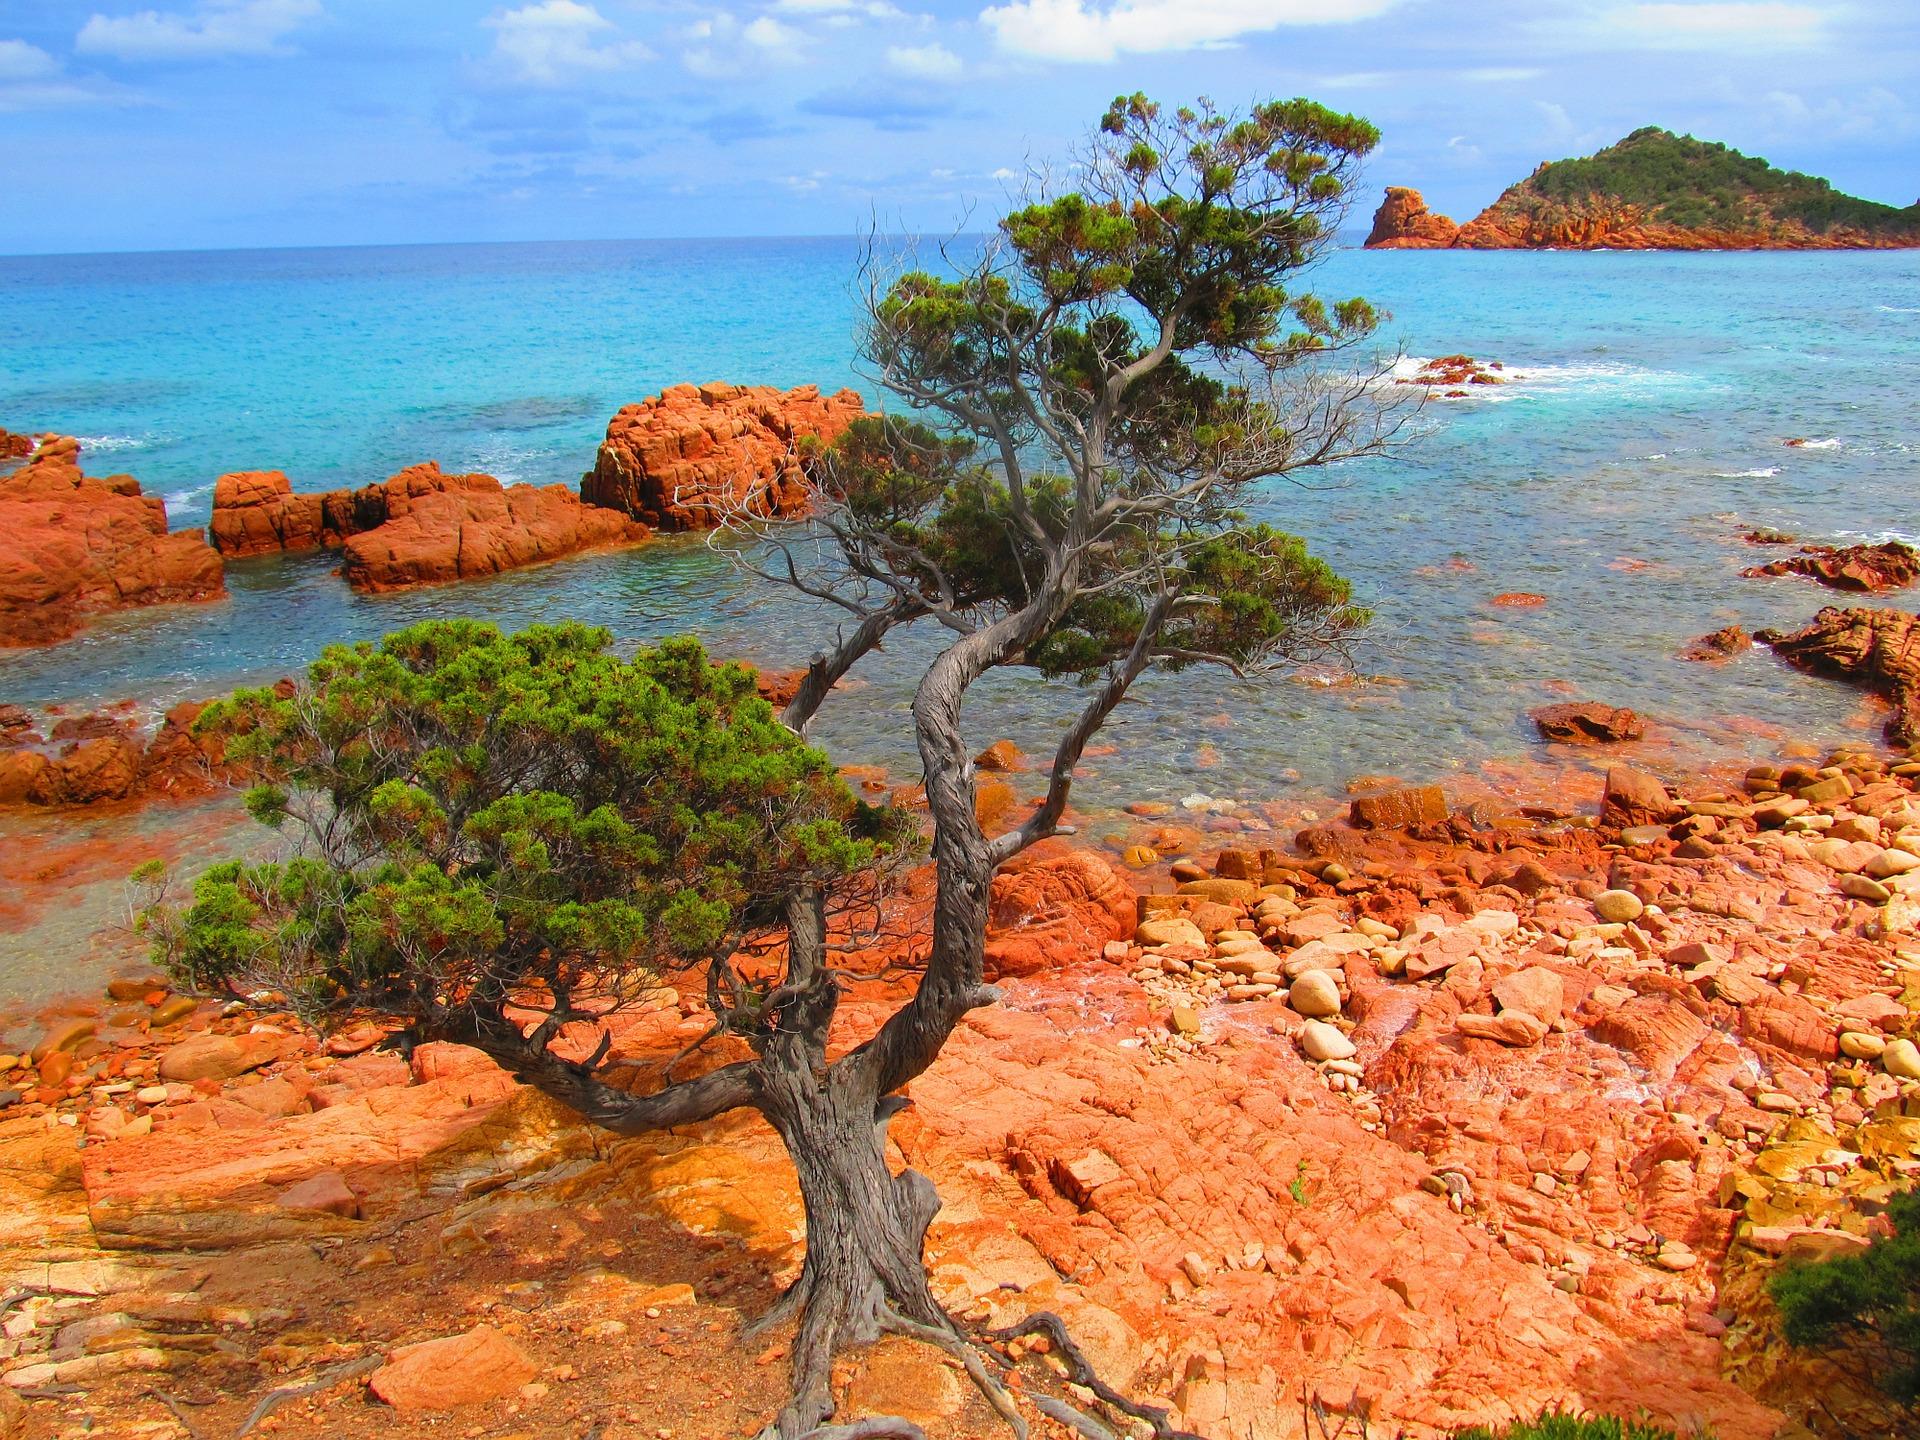 La spiaggia di Su Sirboni in località Marina di Gairo nel comune di Gairo come arrivare.